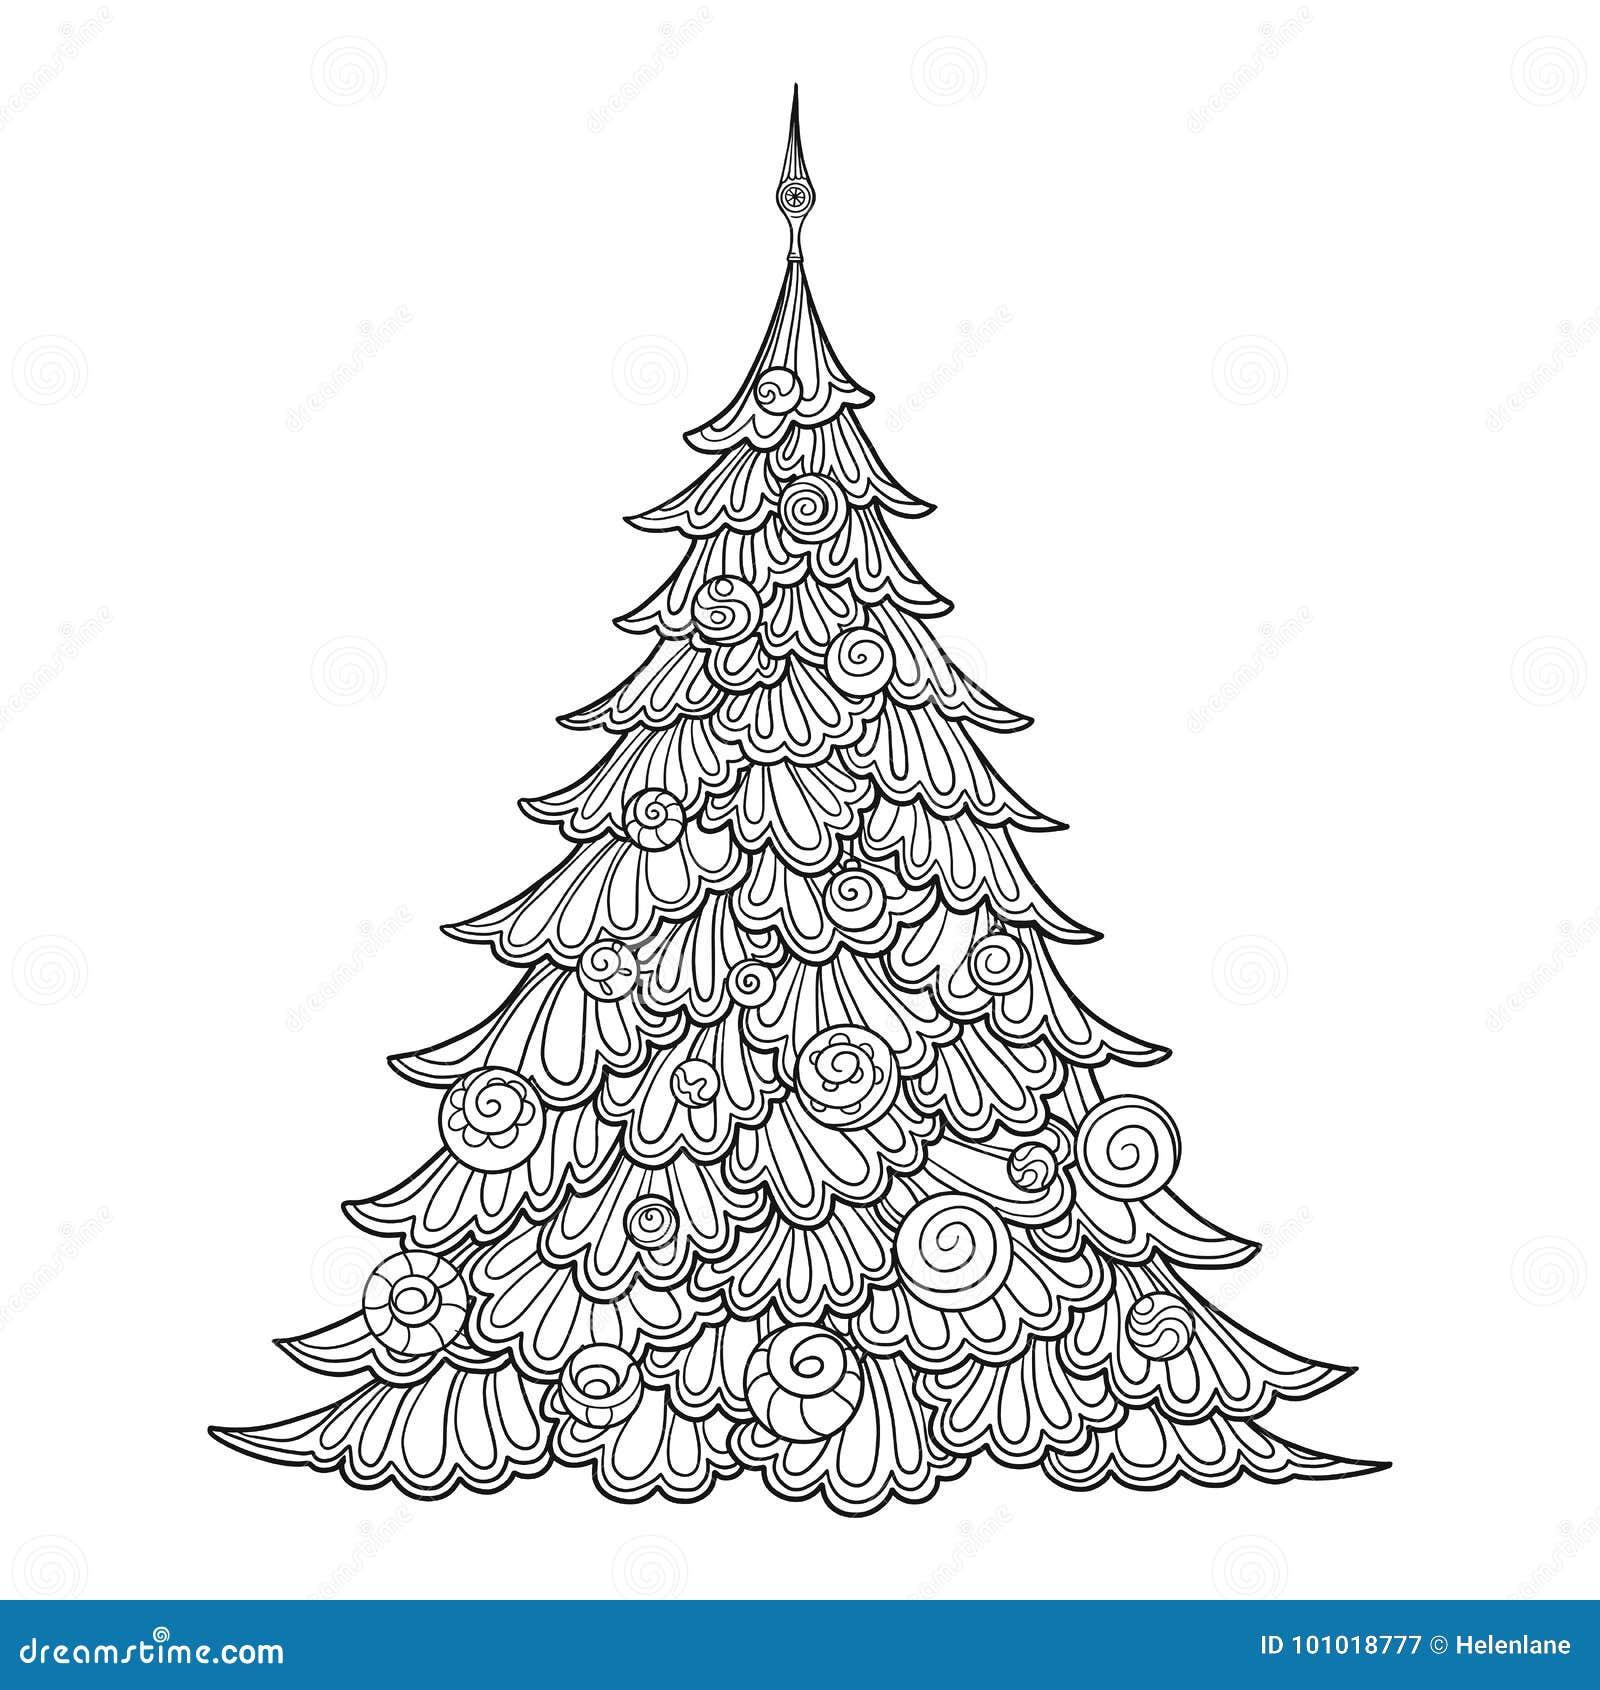 Albero Di Natale Disegno.Albero Di Natale Disegno Di Contorno Buon Per La Coloritura